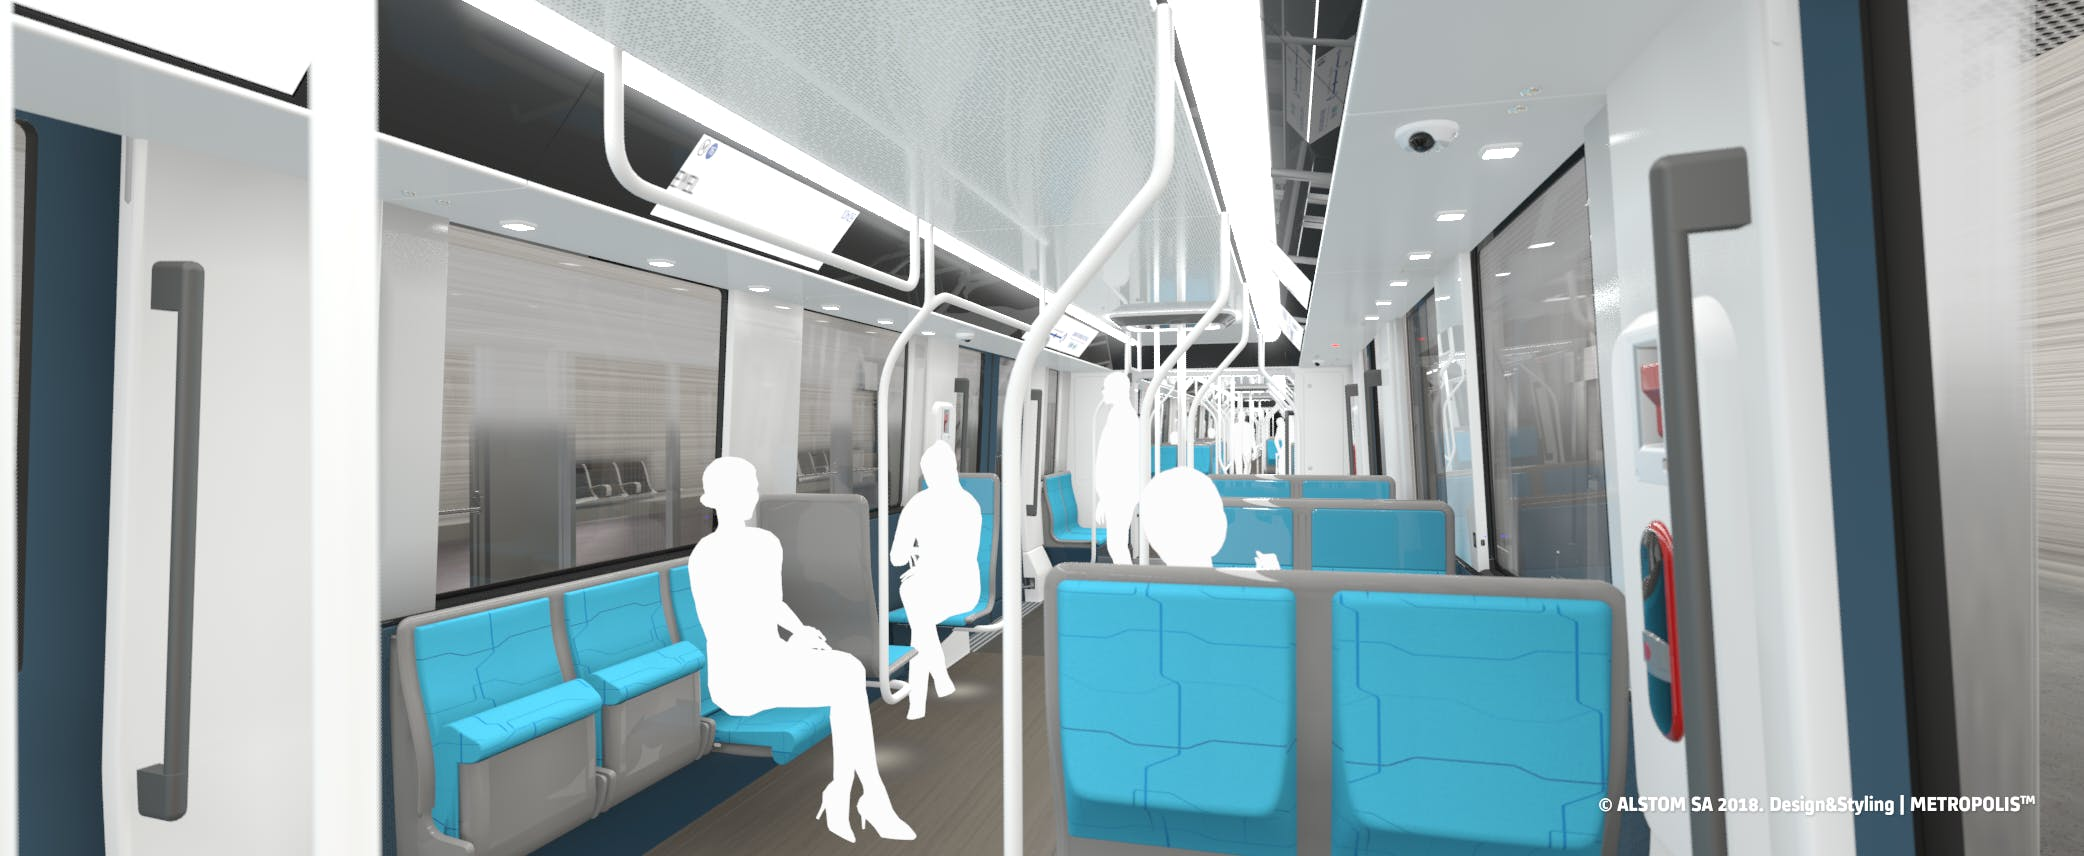 Design intérieur métro avec des personnes assises et arrêtées, proposé au voyageurs